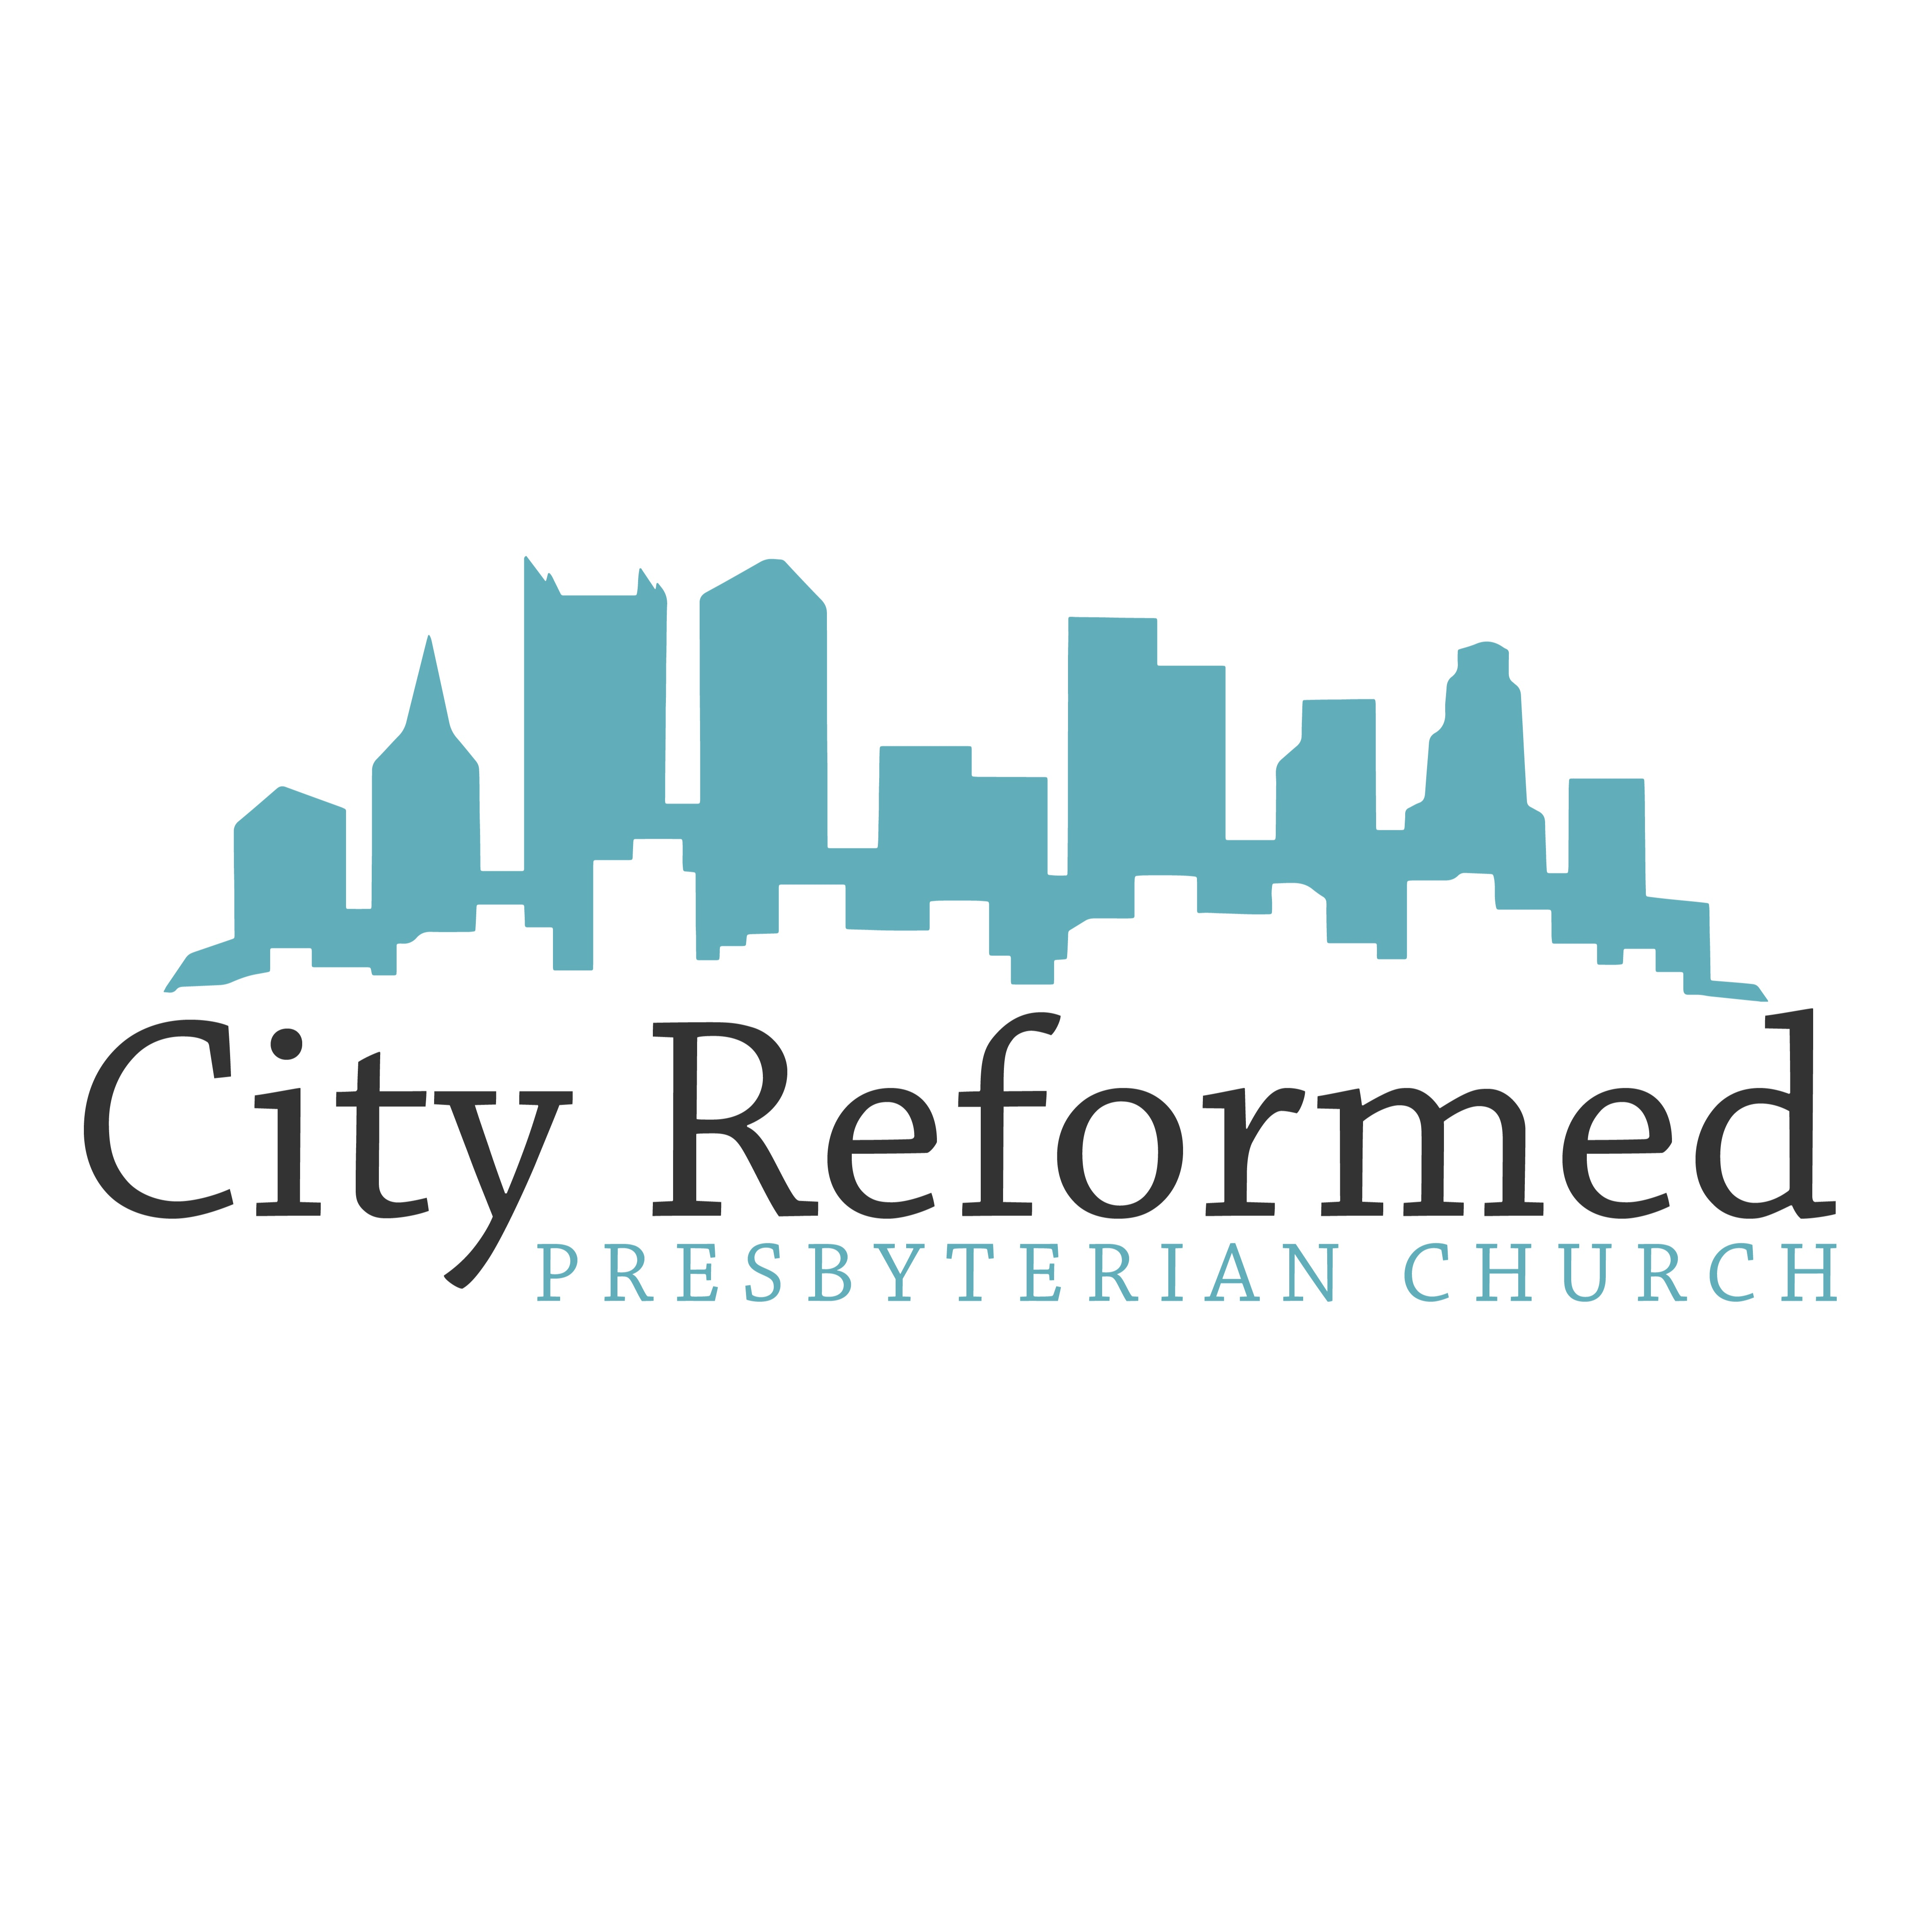 City Reformed Presbyterian Church